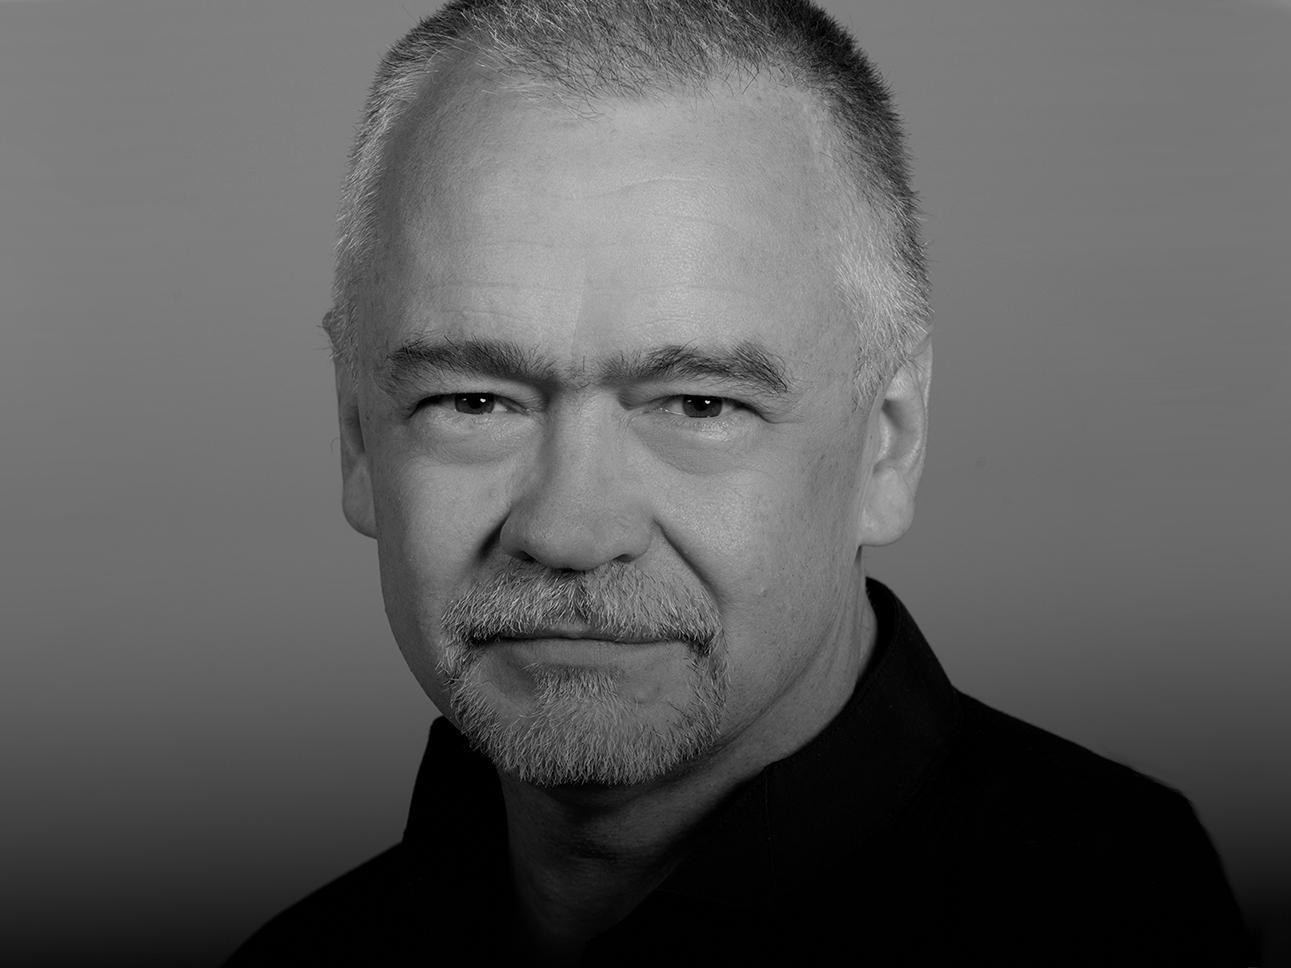 Image of Bryan Allen